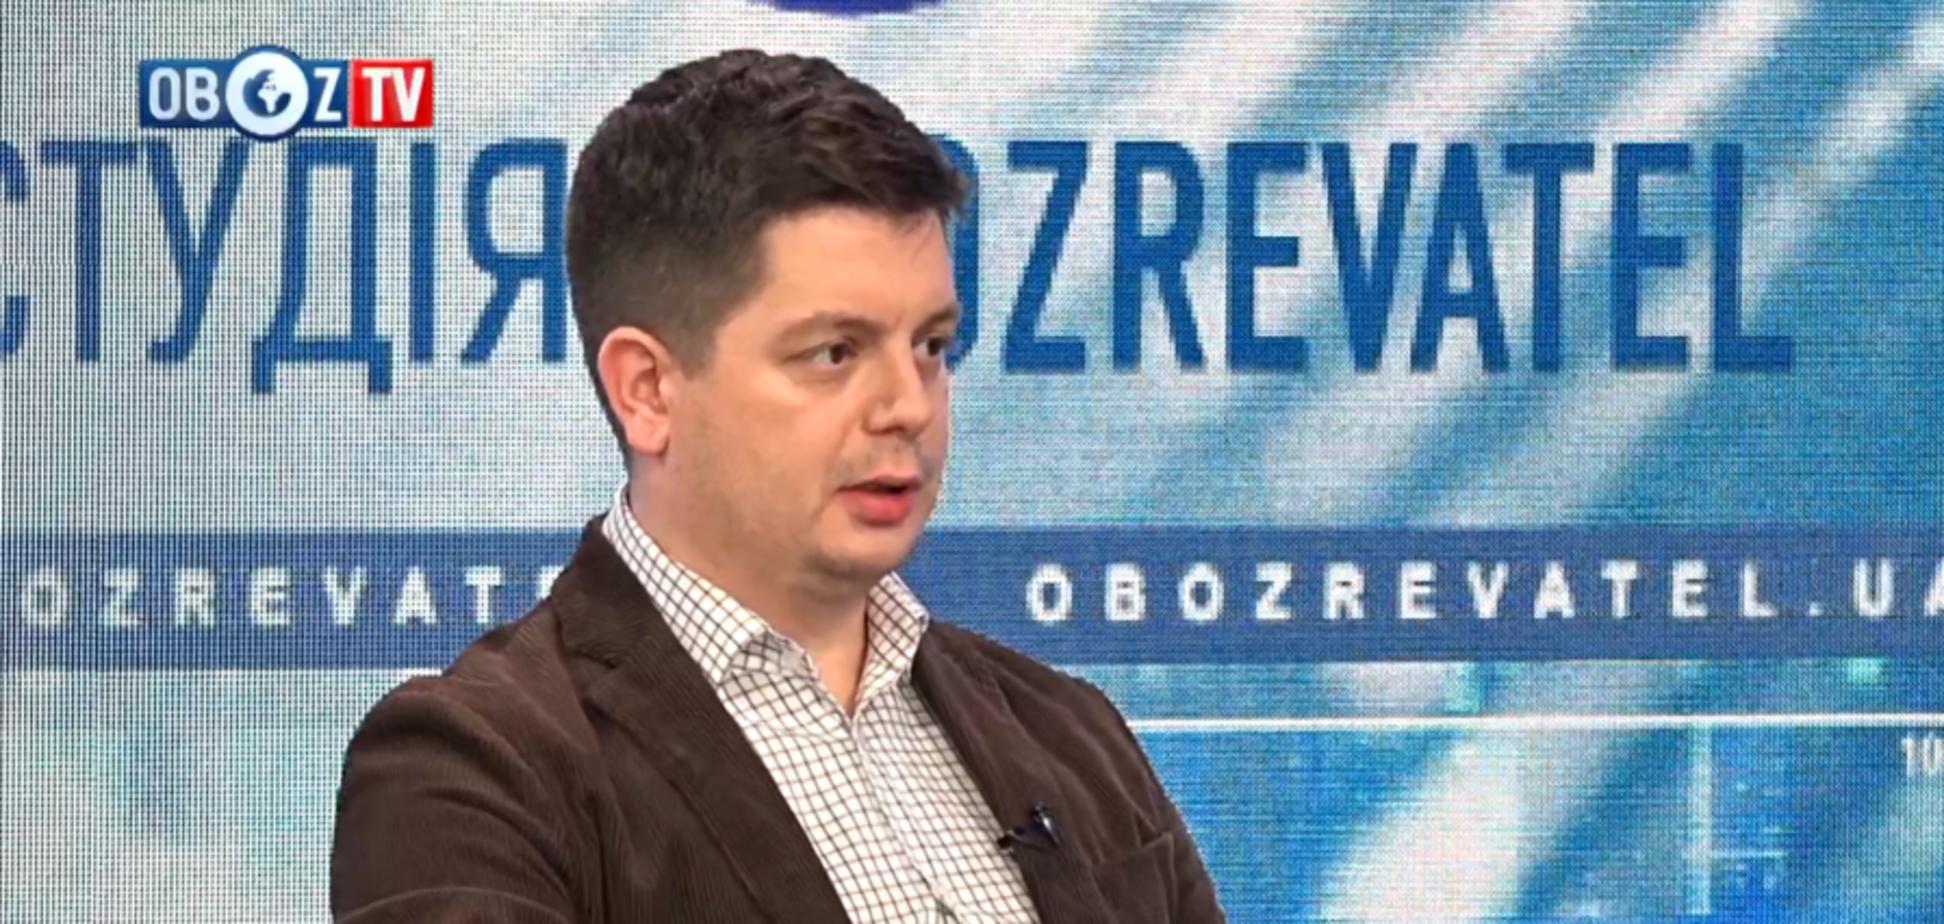 Обострение заболеваний: врач объяснил, как украиская политика влияет на здоровье людей